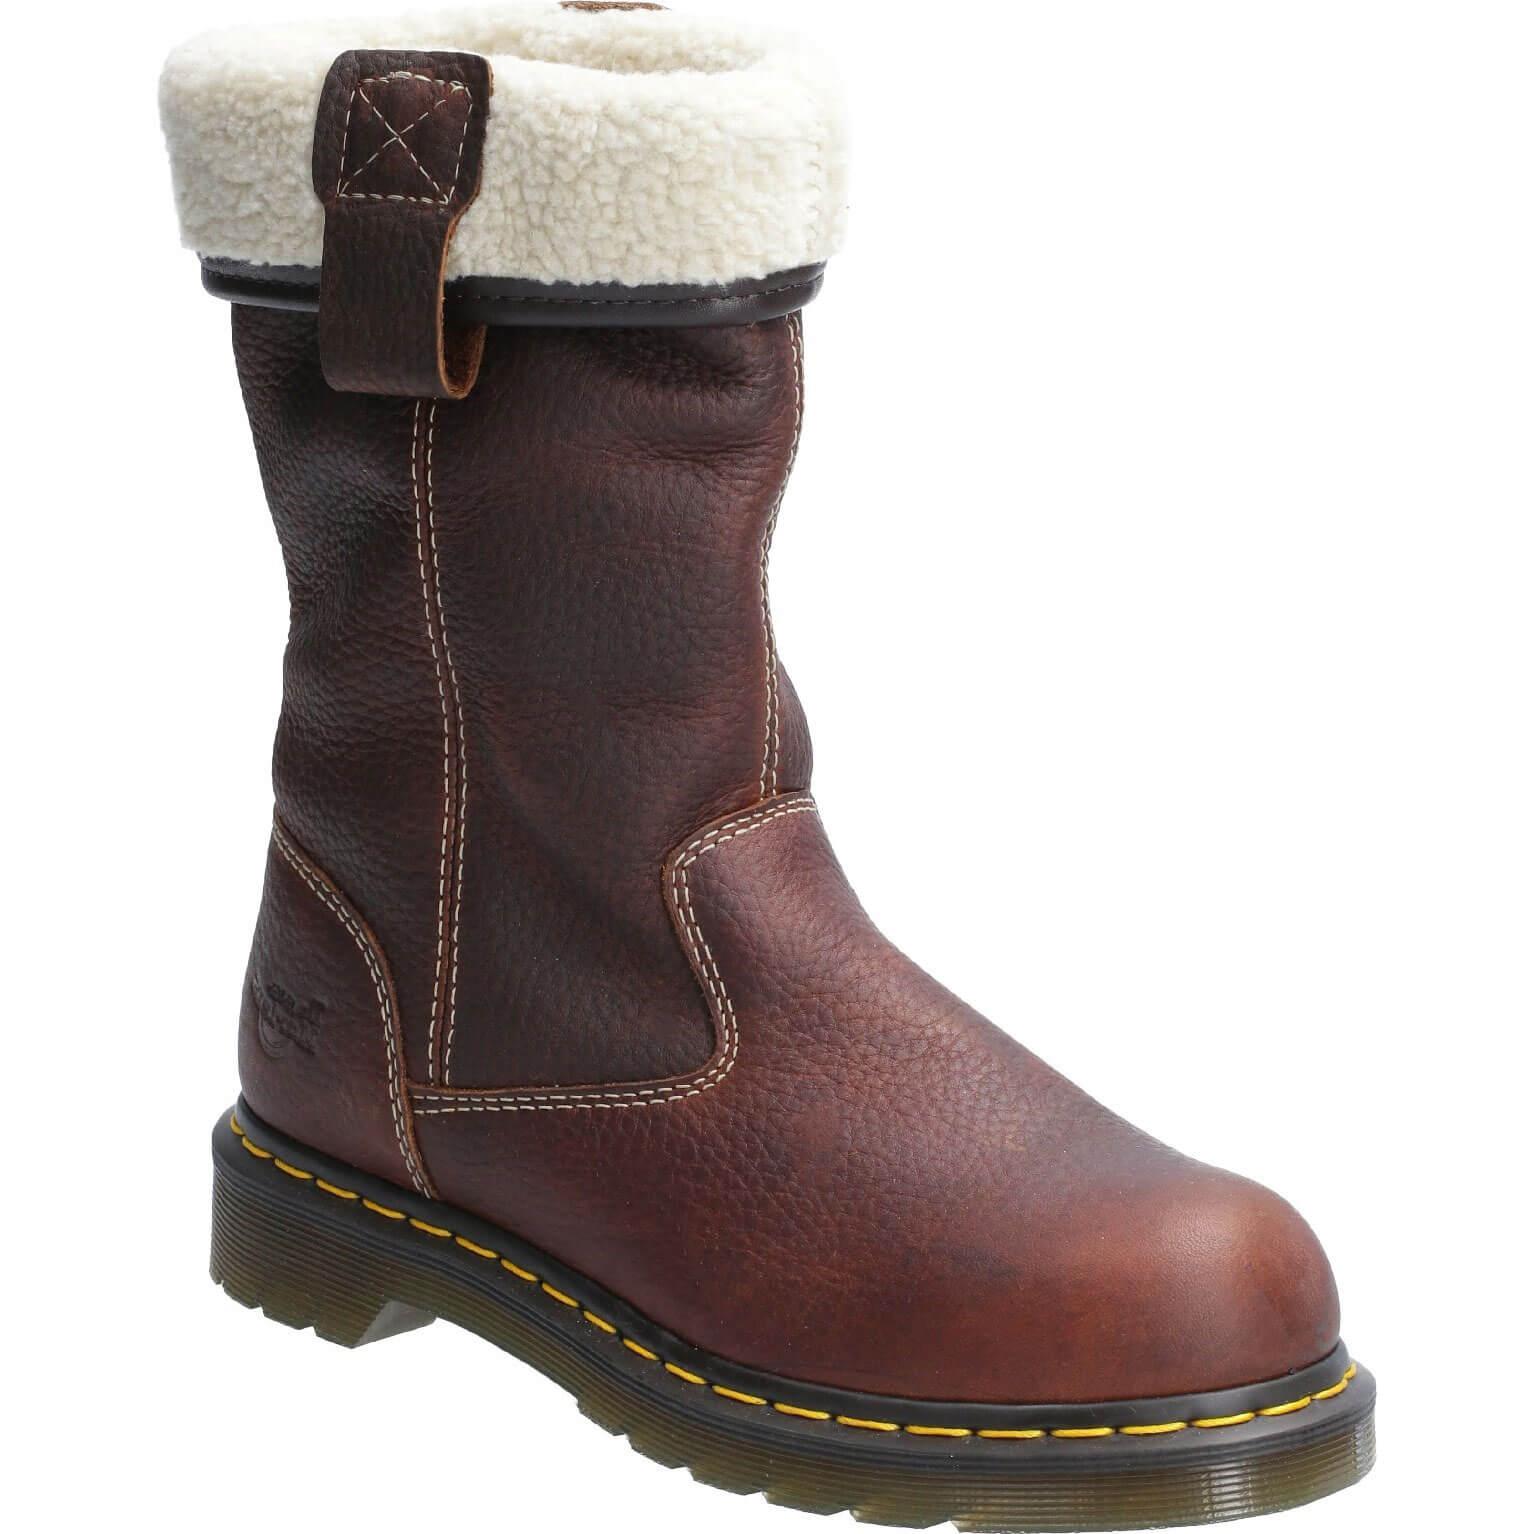 Image of Dr Martens Belsay Slip On Safety Boot Teak Size 3